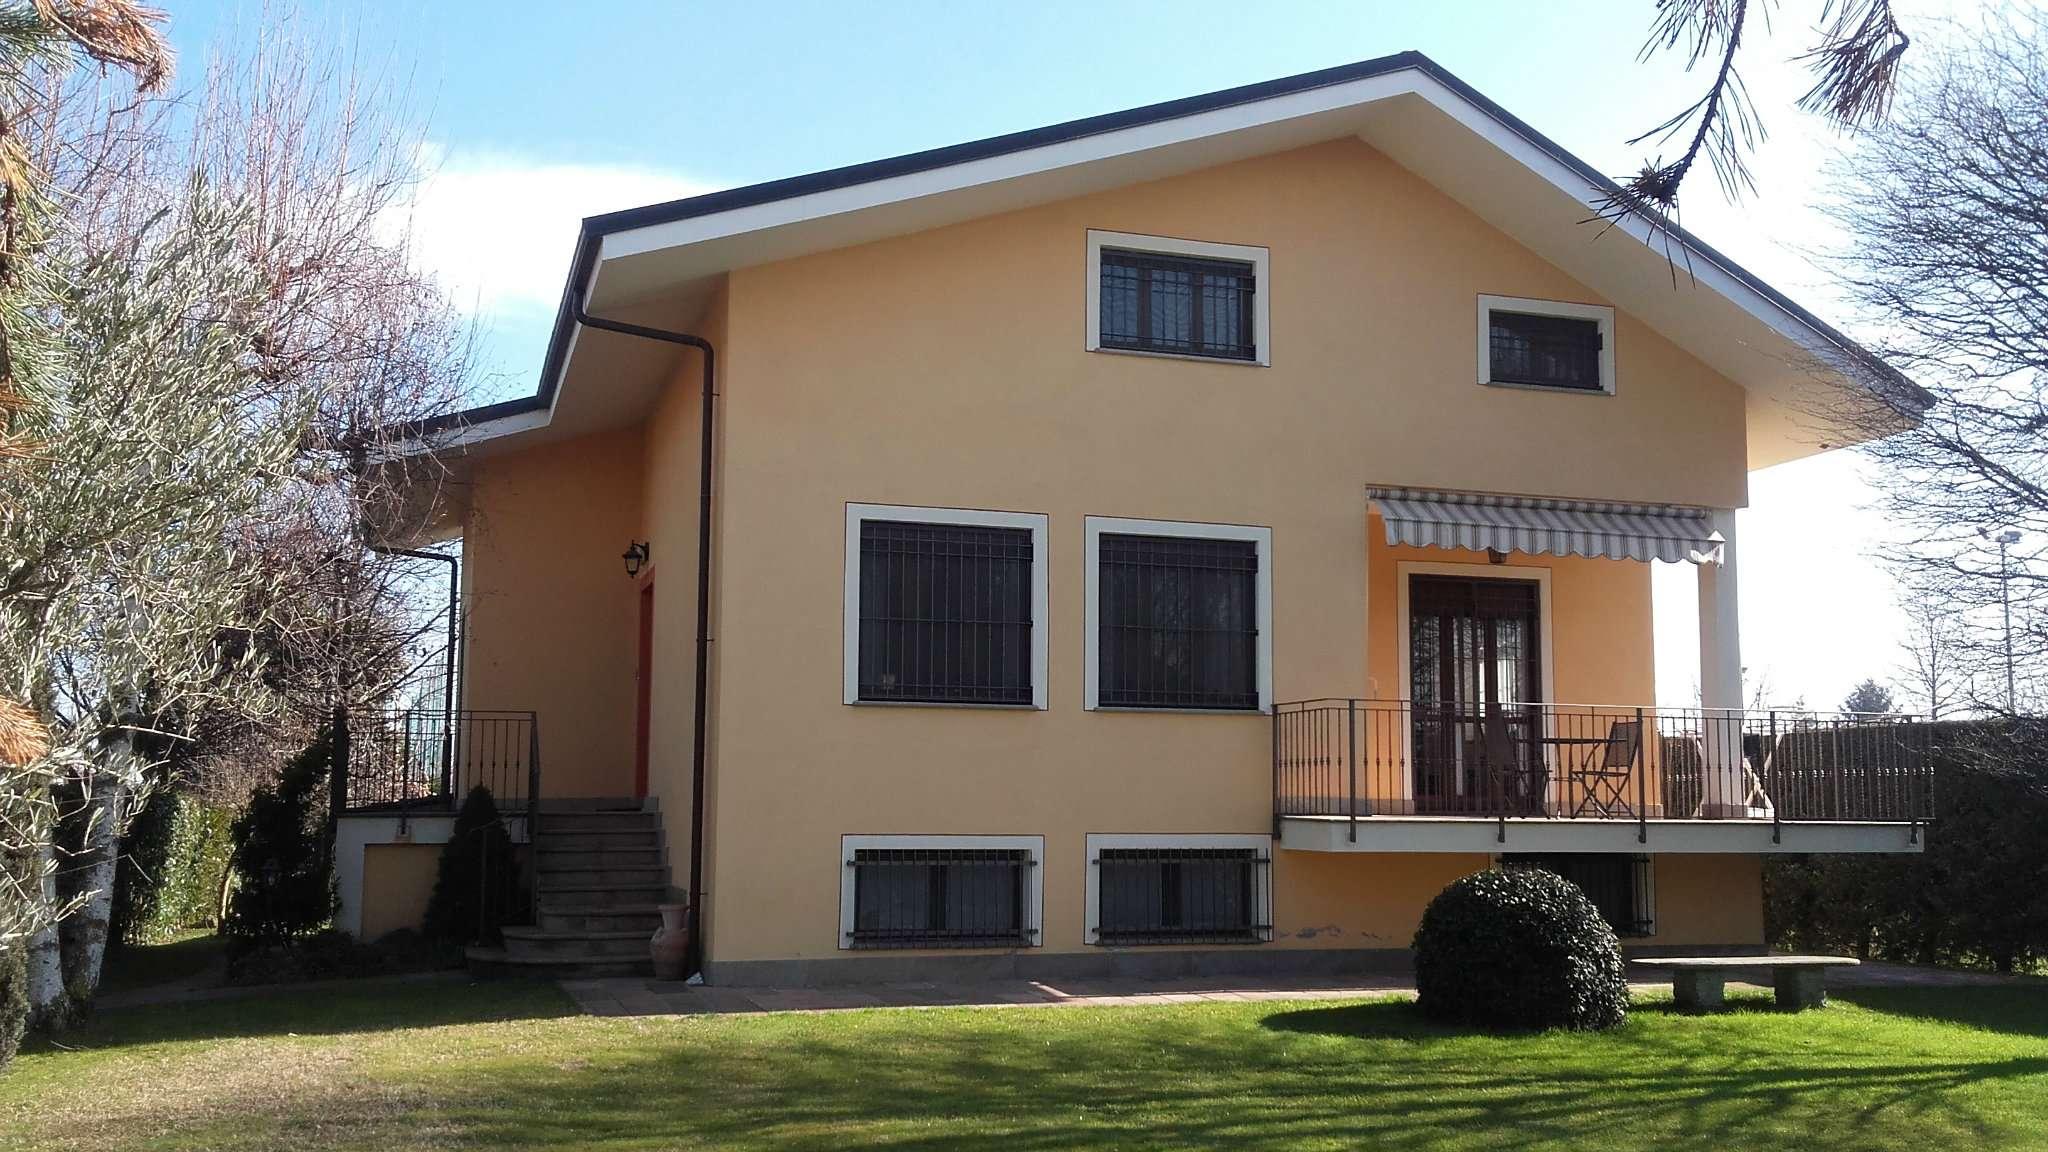 Villa in vendita a Pinerolo, 6 locali, prezzo € 390.000 | Cambio Casa.it